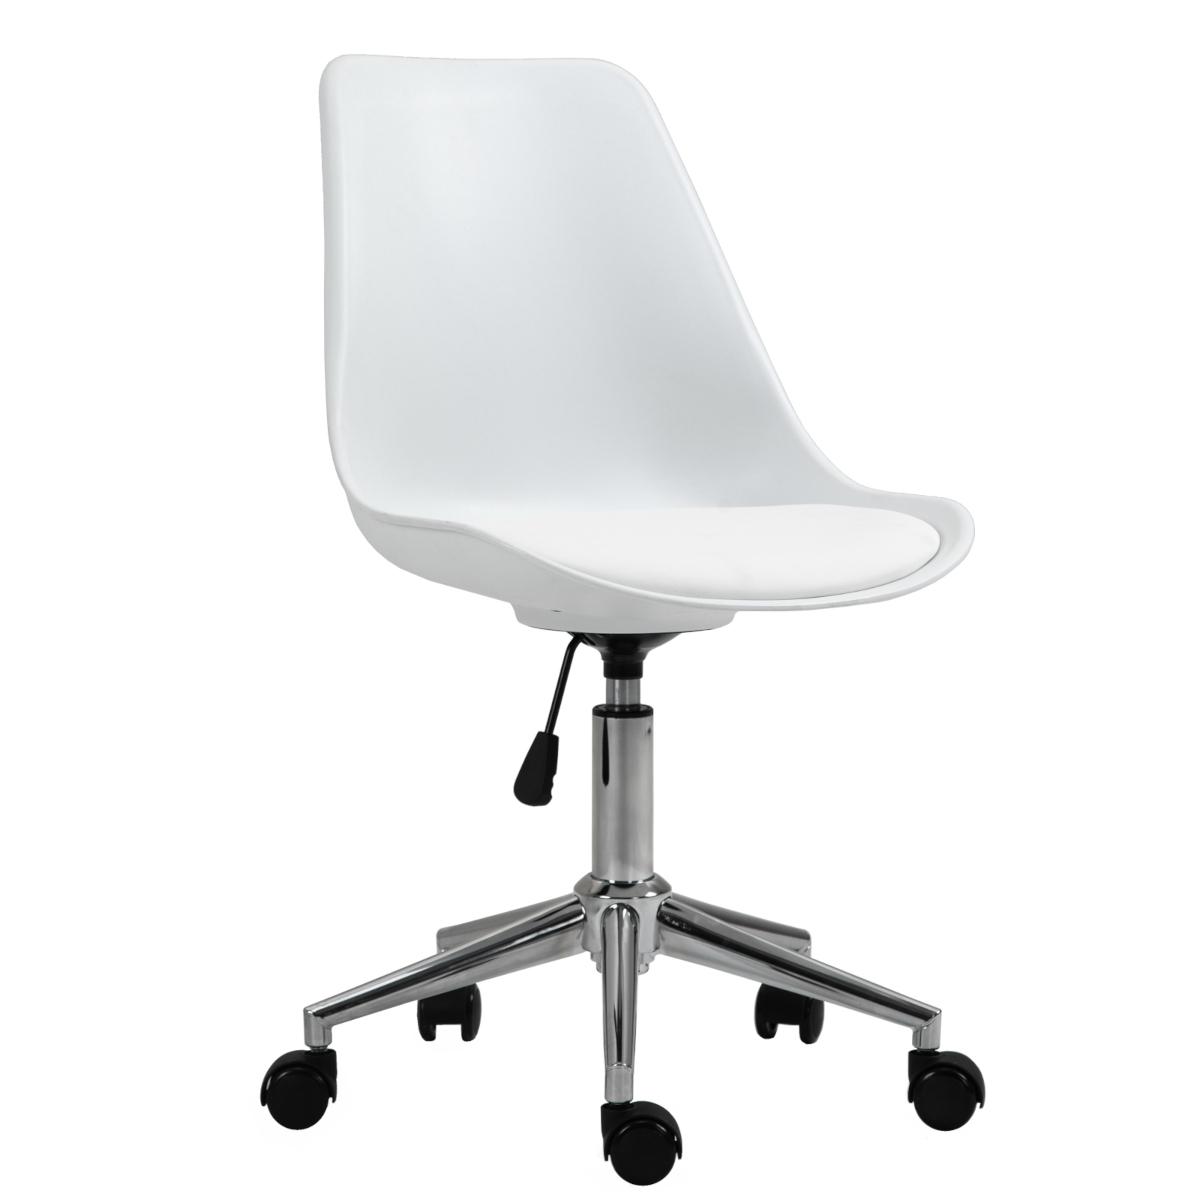 92233 SVITA EDDY Schreibtischstuhl für Kinder Drehstuhl Kinderschreibtischstuhl Weiß